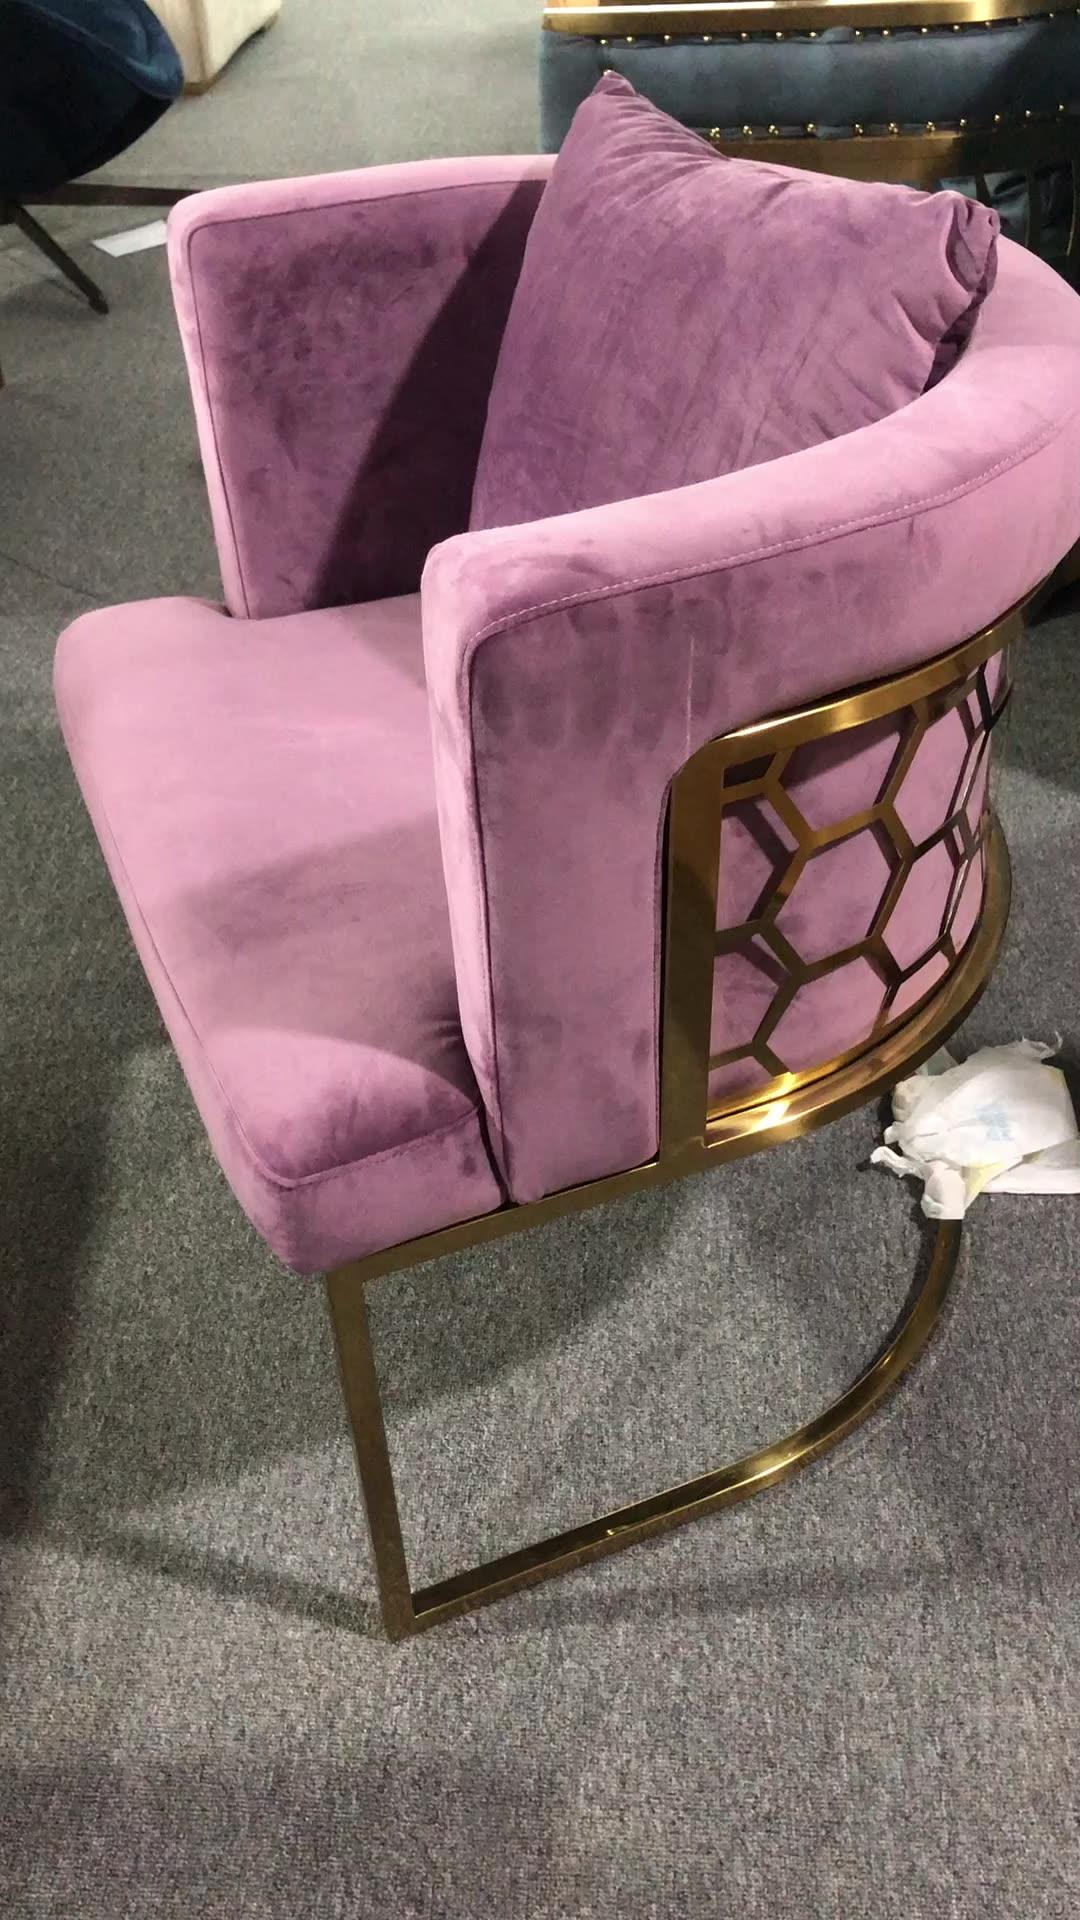 Europäischen französisch dänischen elegante komfortable edelstahl beine einzel einzigartige lila samt sessel lounge badewanne sofa warten stuhl